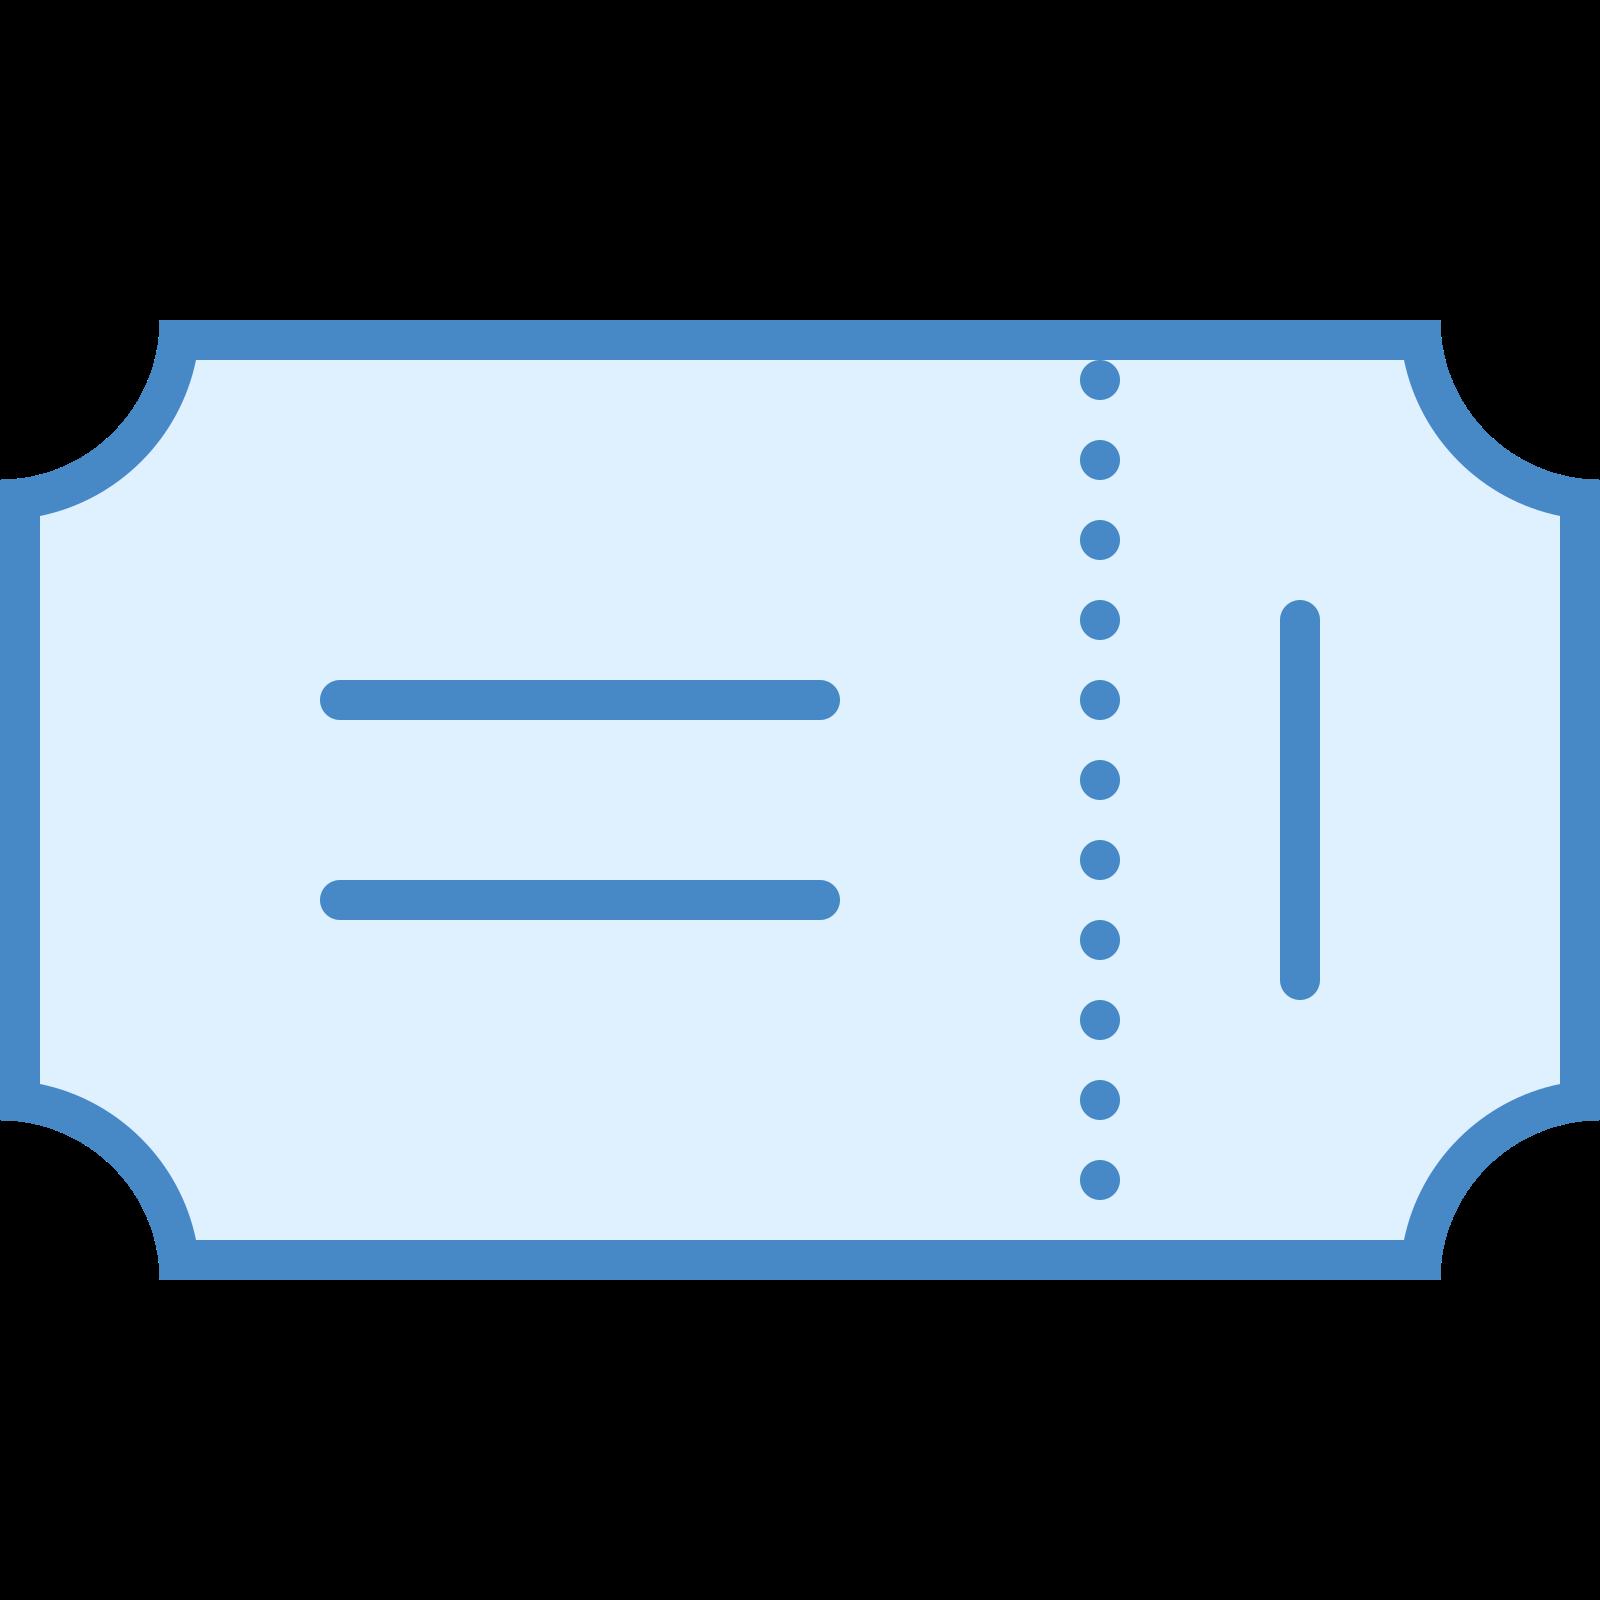 乗車券 icon. The icon is shaped like a horizontal rectangle but each of the corners are curved inwards. There is also a vertical dotted line running down the right side of the rectangle 3/4 of the way.